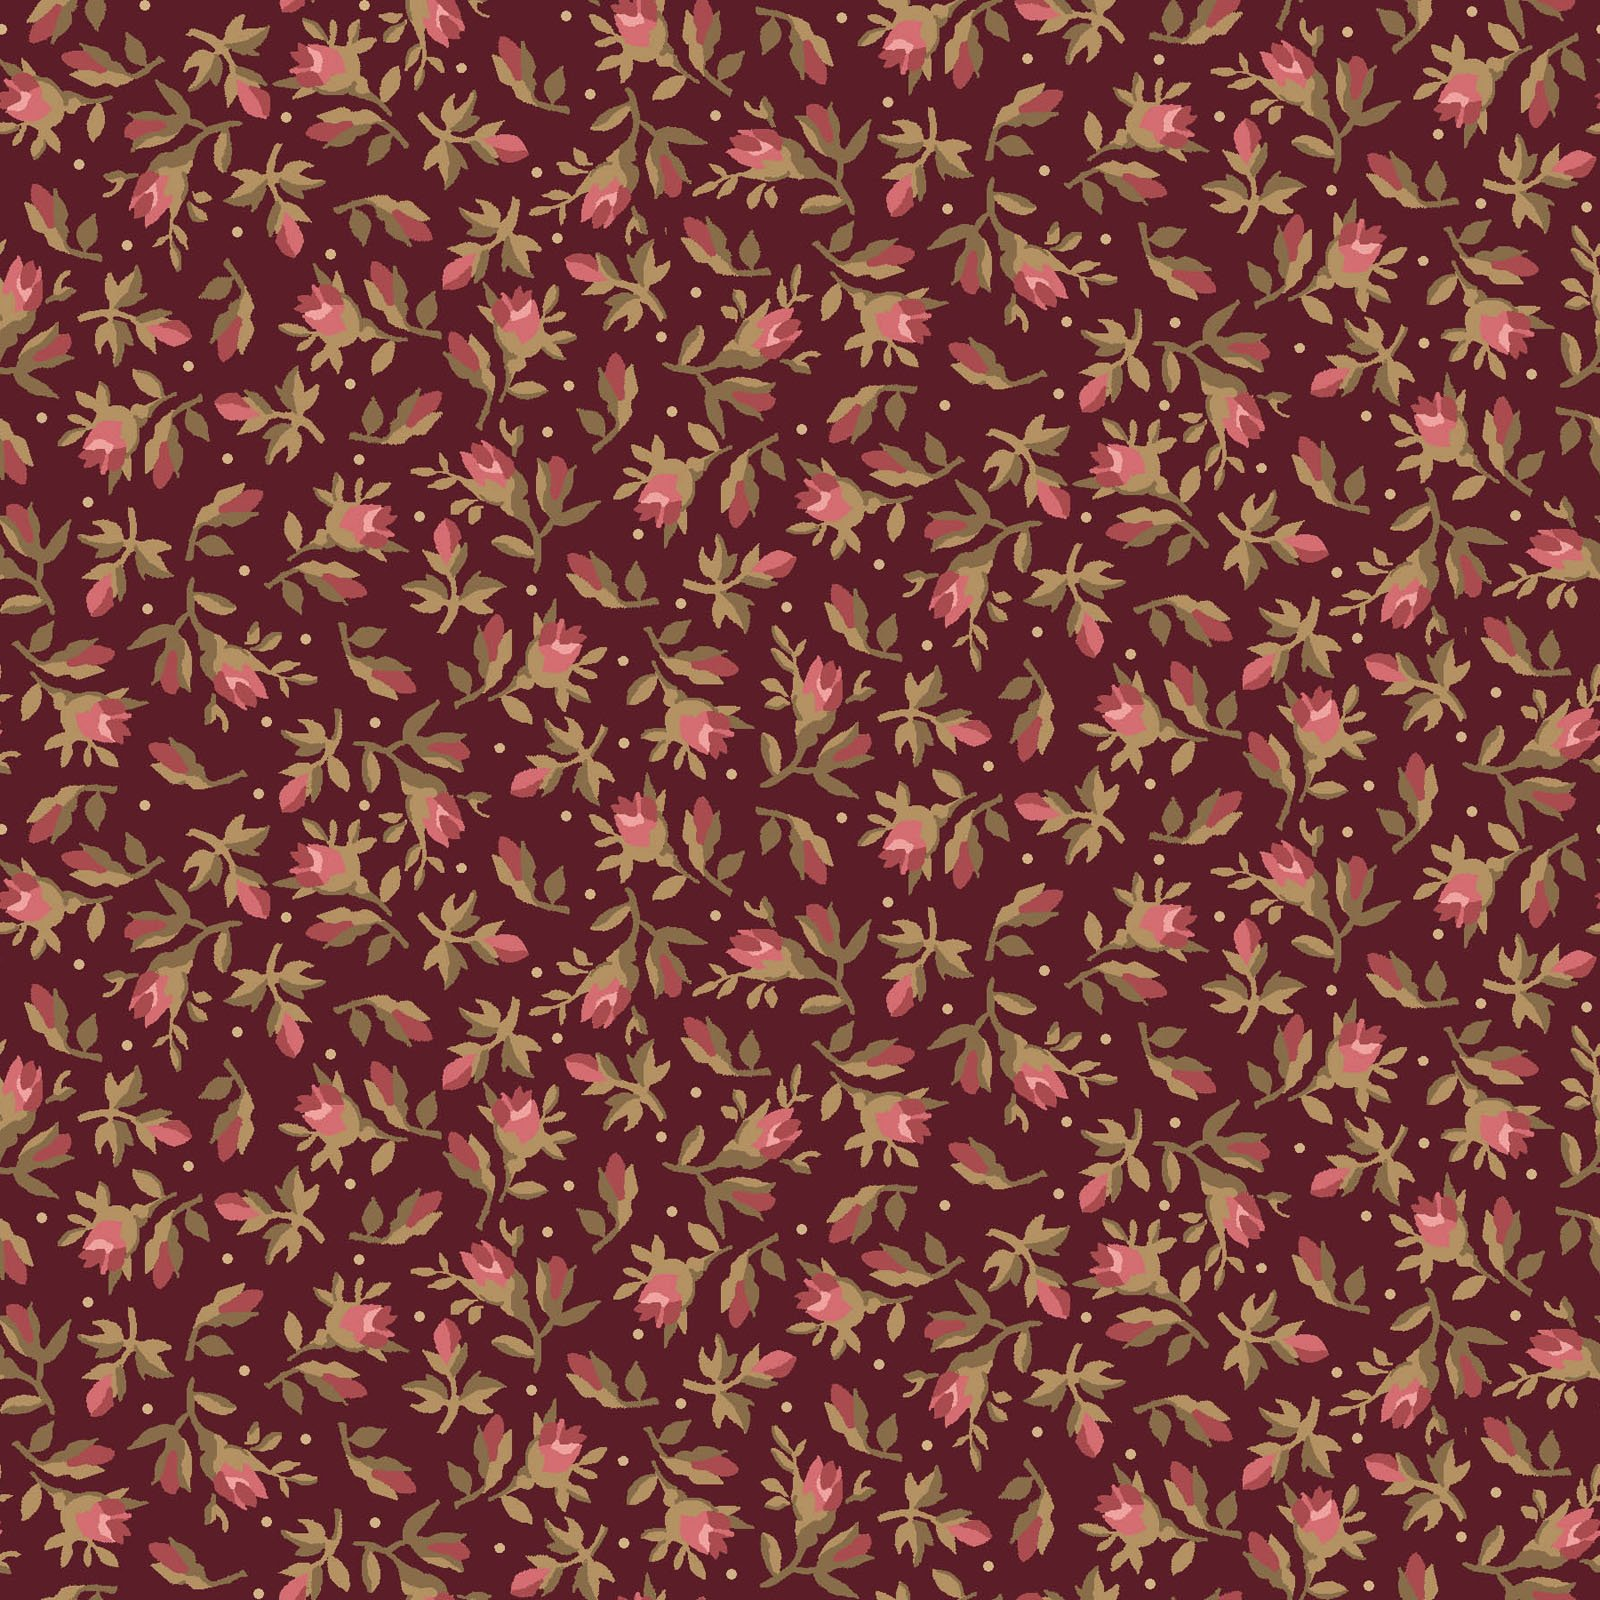 Burgundy & Blush  9364-M